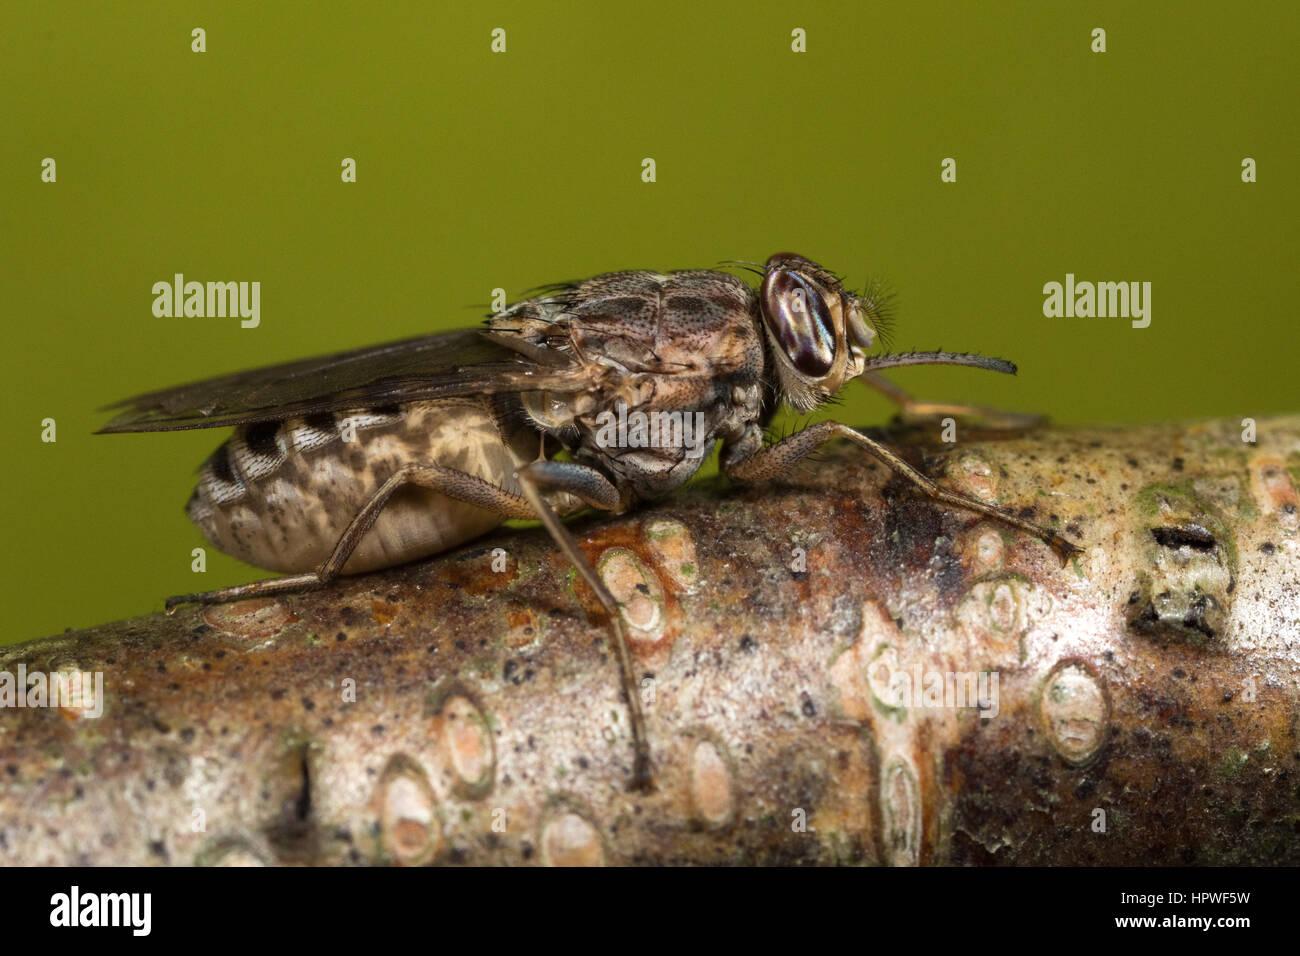 pregnant female Savannah Tsetse Fly (Glossina morsitans) - Stock Image